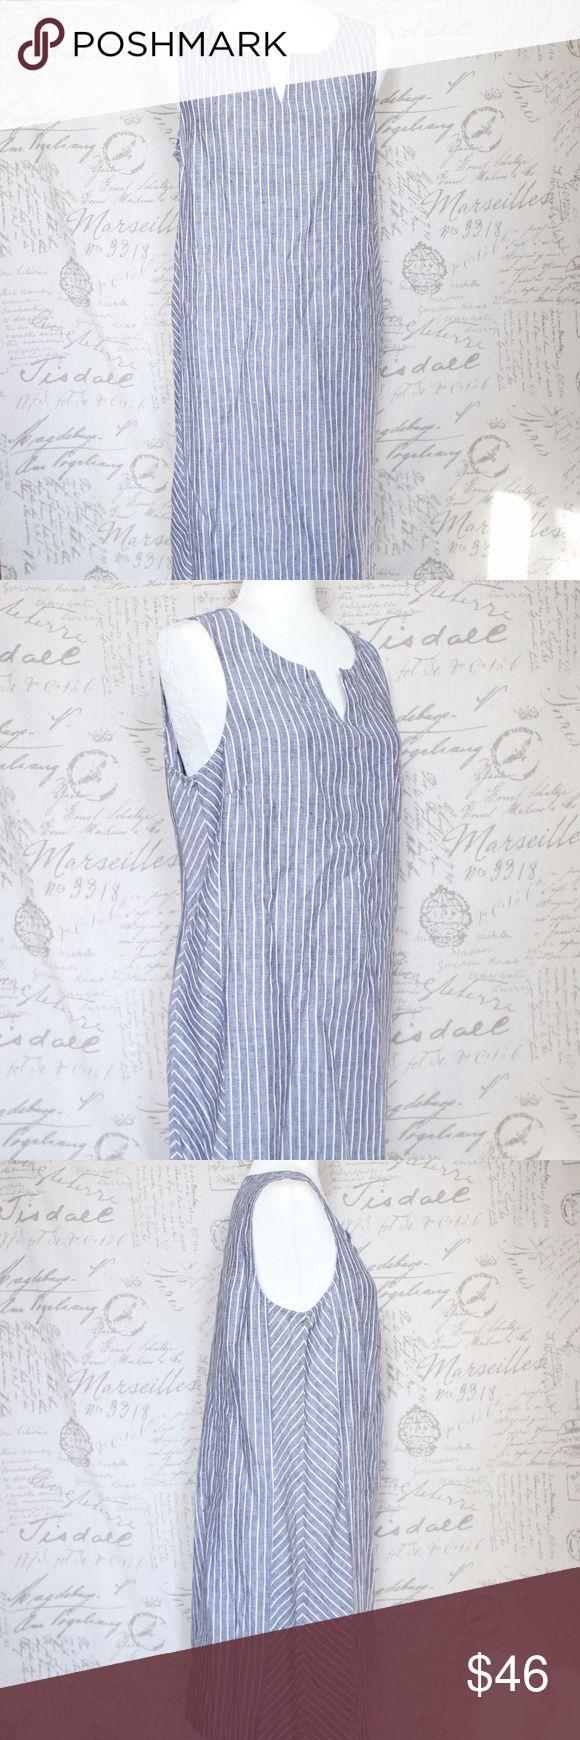 """J. Jill Linen Gray White Stripe Dress MP NEW J. Jill Sleeveless Dress 100% Linen  Gray and White Striped   Petite Medium  NEW with tag  Measurements taken with garment flat on table. Armpit to armpit: 19.5"""" Length: 36.5"""" J. Jill Dresses Midi"""